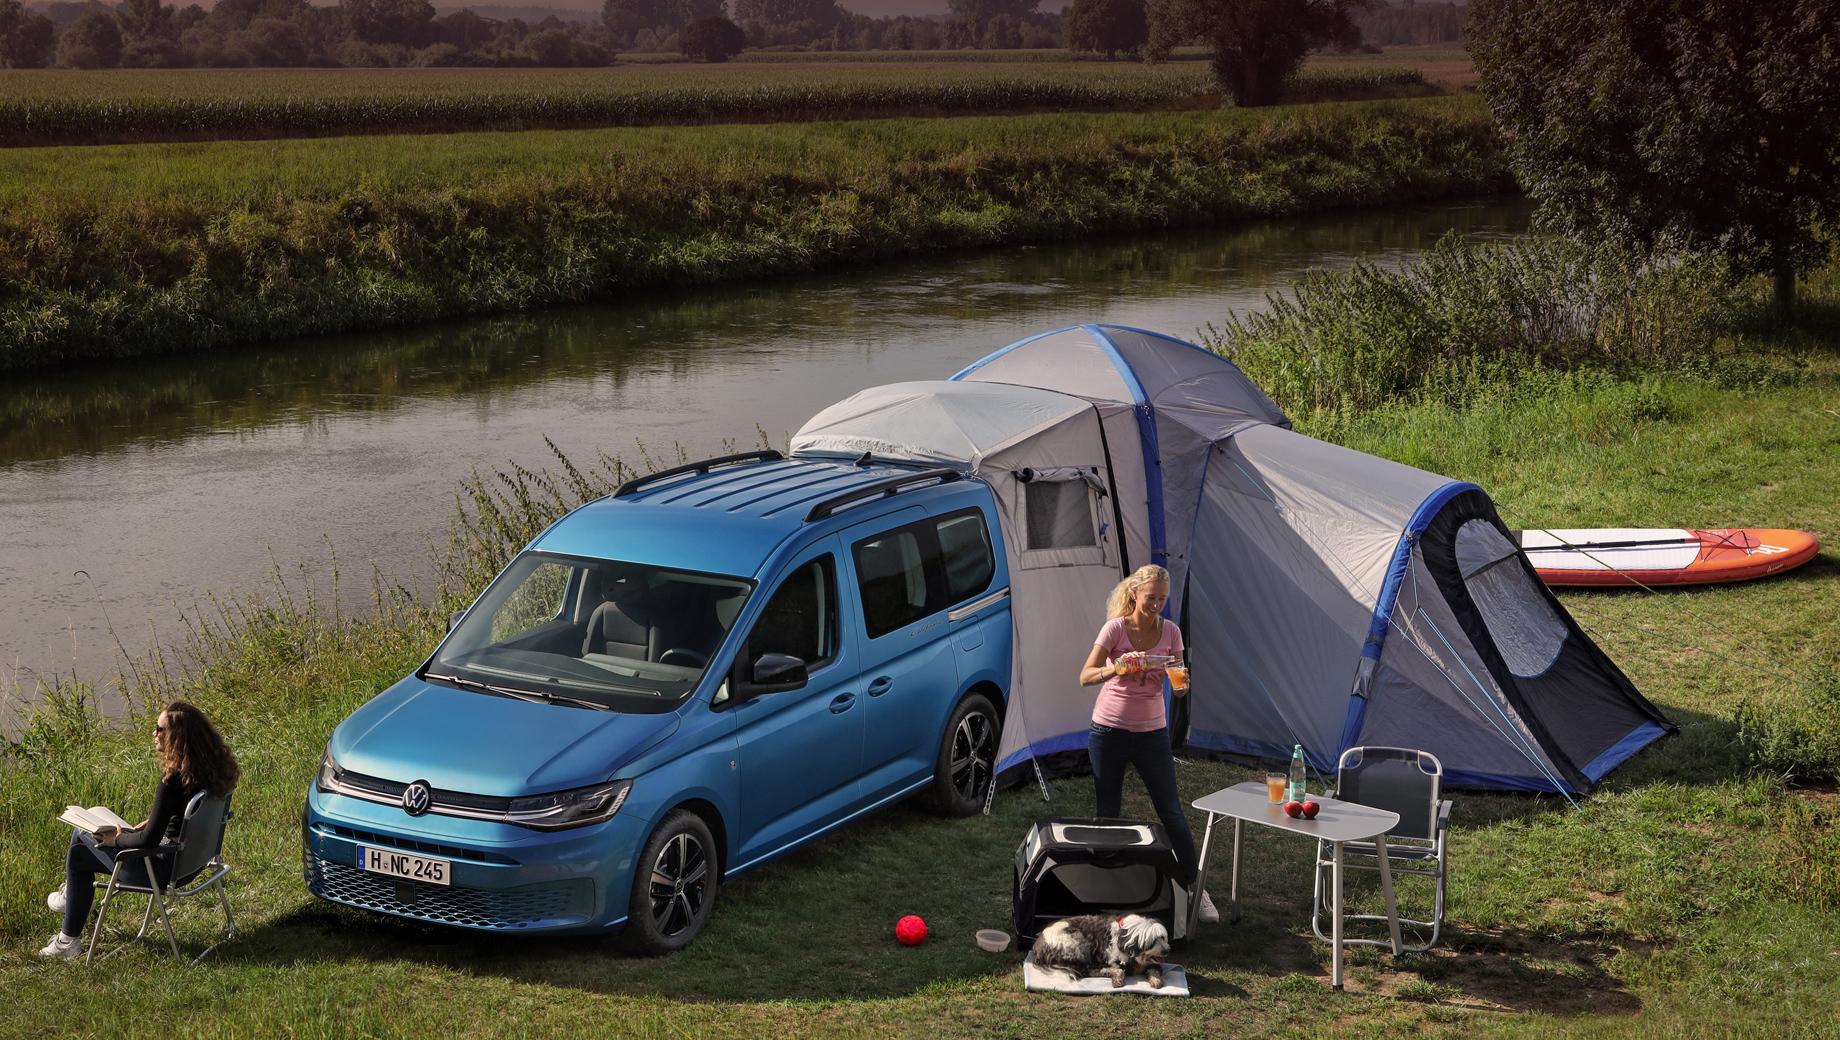 Volkswagen caddy california. Модульная палатка, рассчитанная на стыковку с Caddy, является деталью каталога Volkswagen Accessories и будет запущена чуть позднее. Но и без неё кемпер найдёт, чем порадовать покупателя.